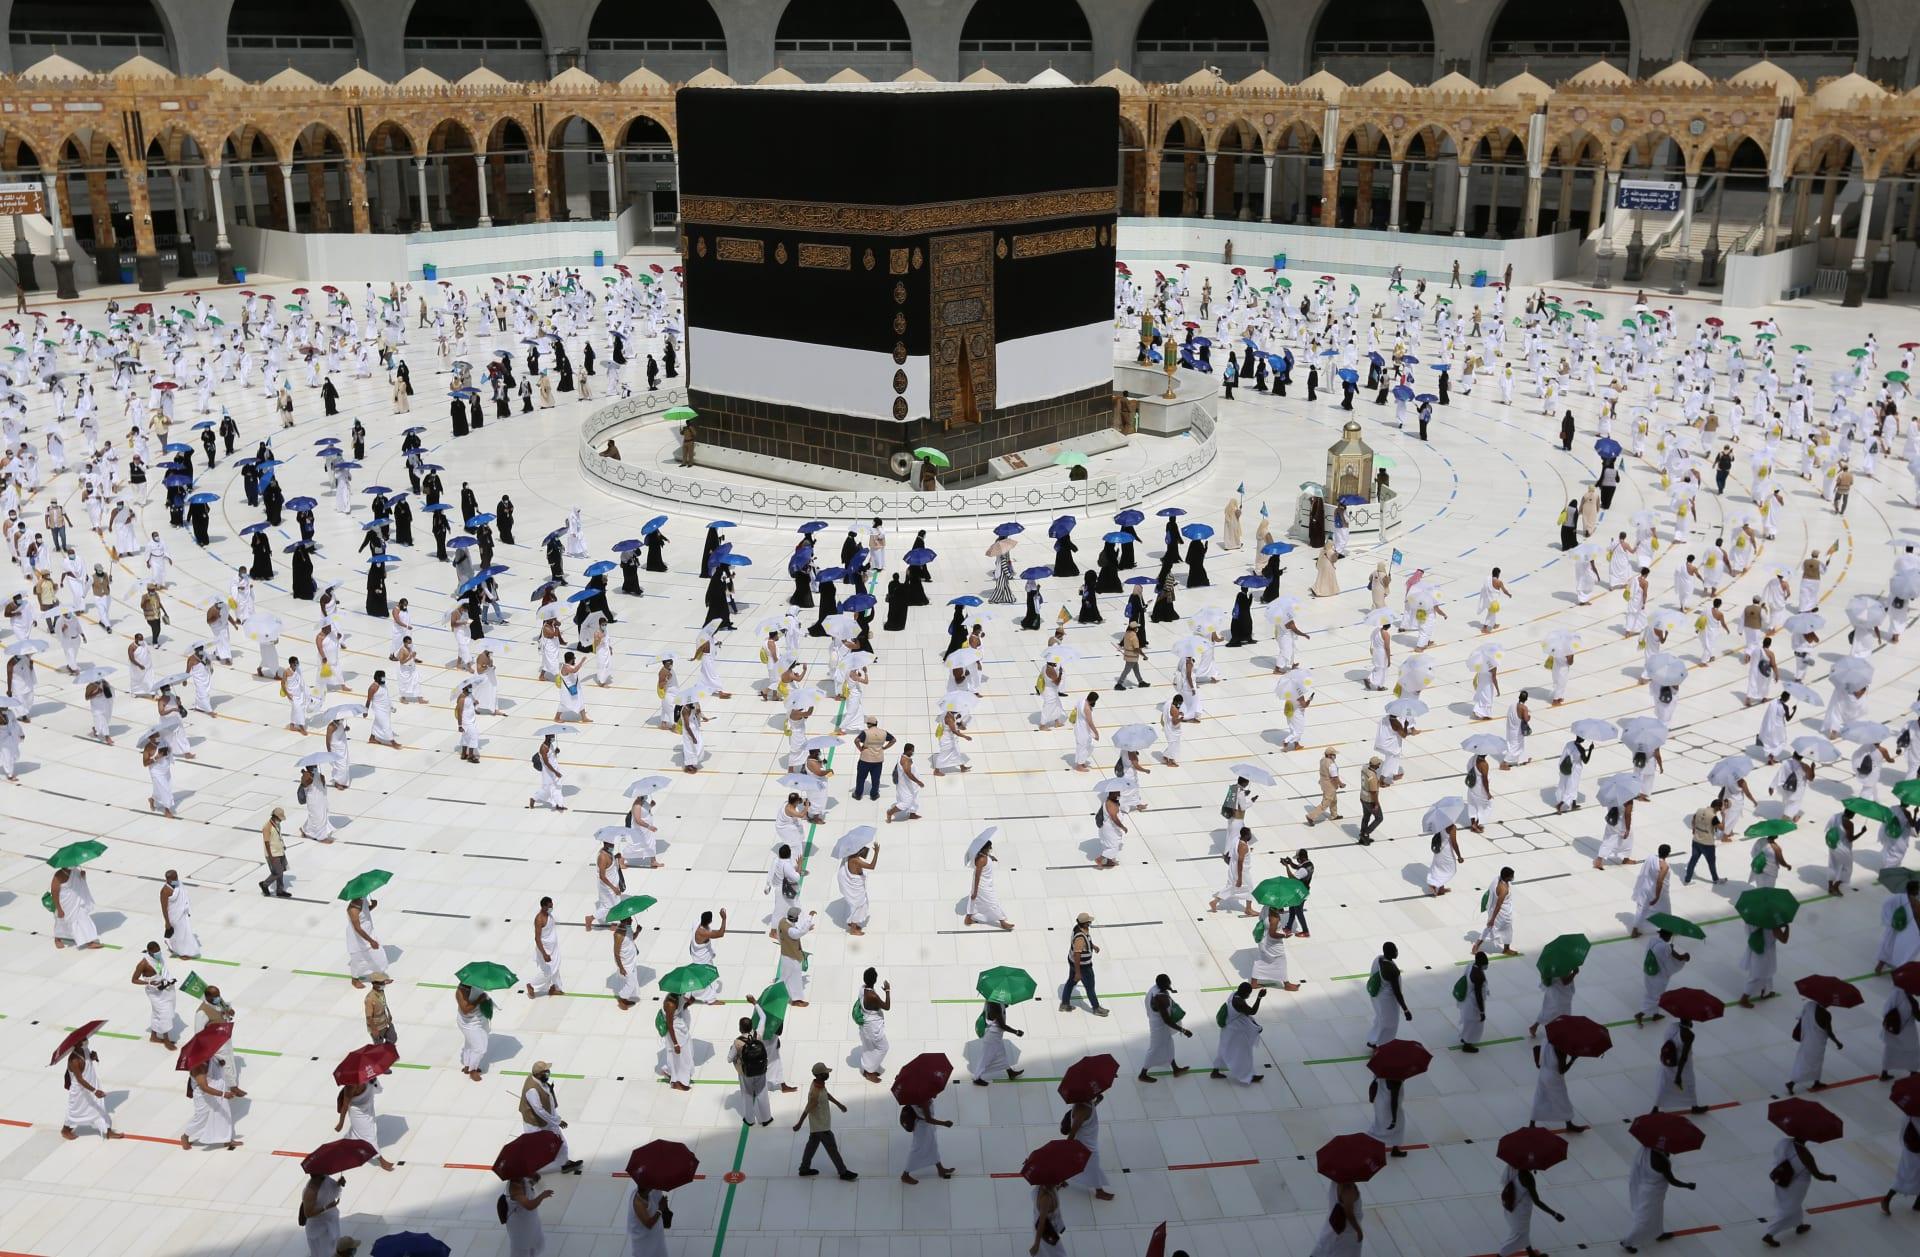 السعودية.. الداخلية تنشر صورة لسيدة من الأمن العام في الحرم المكي